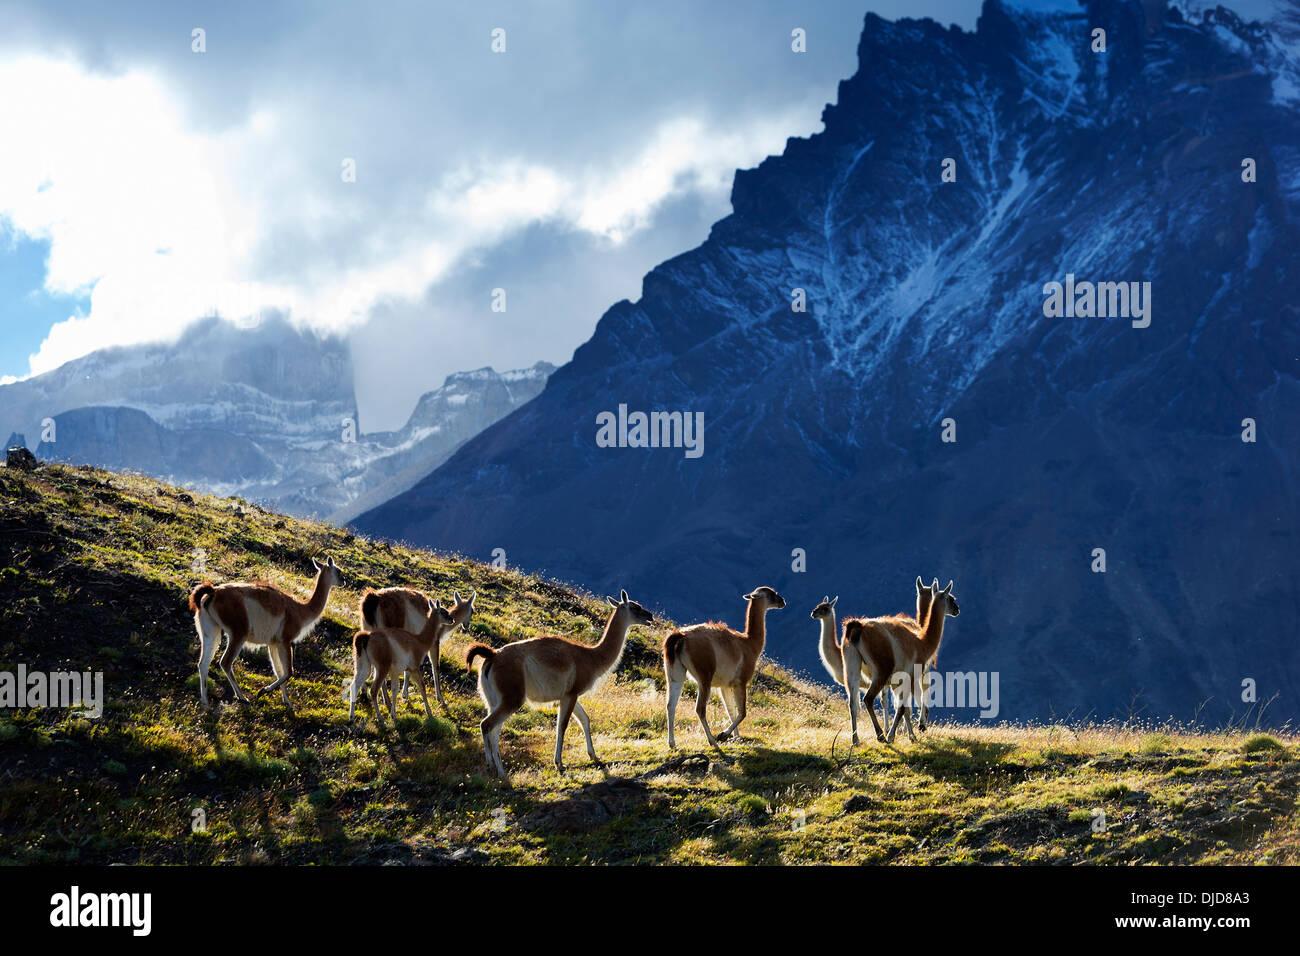 Petit groupe de guanaco (Lama guanicoe) debout sur la colline avec les montagnes de Torres del Paine en arrière Banque D'Images